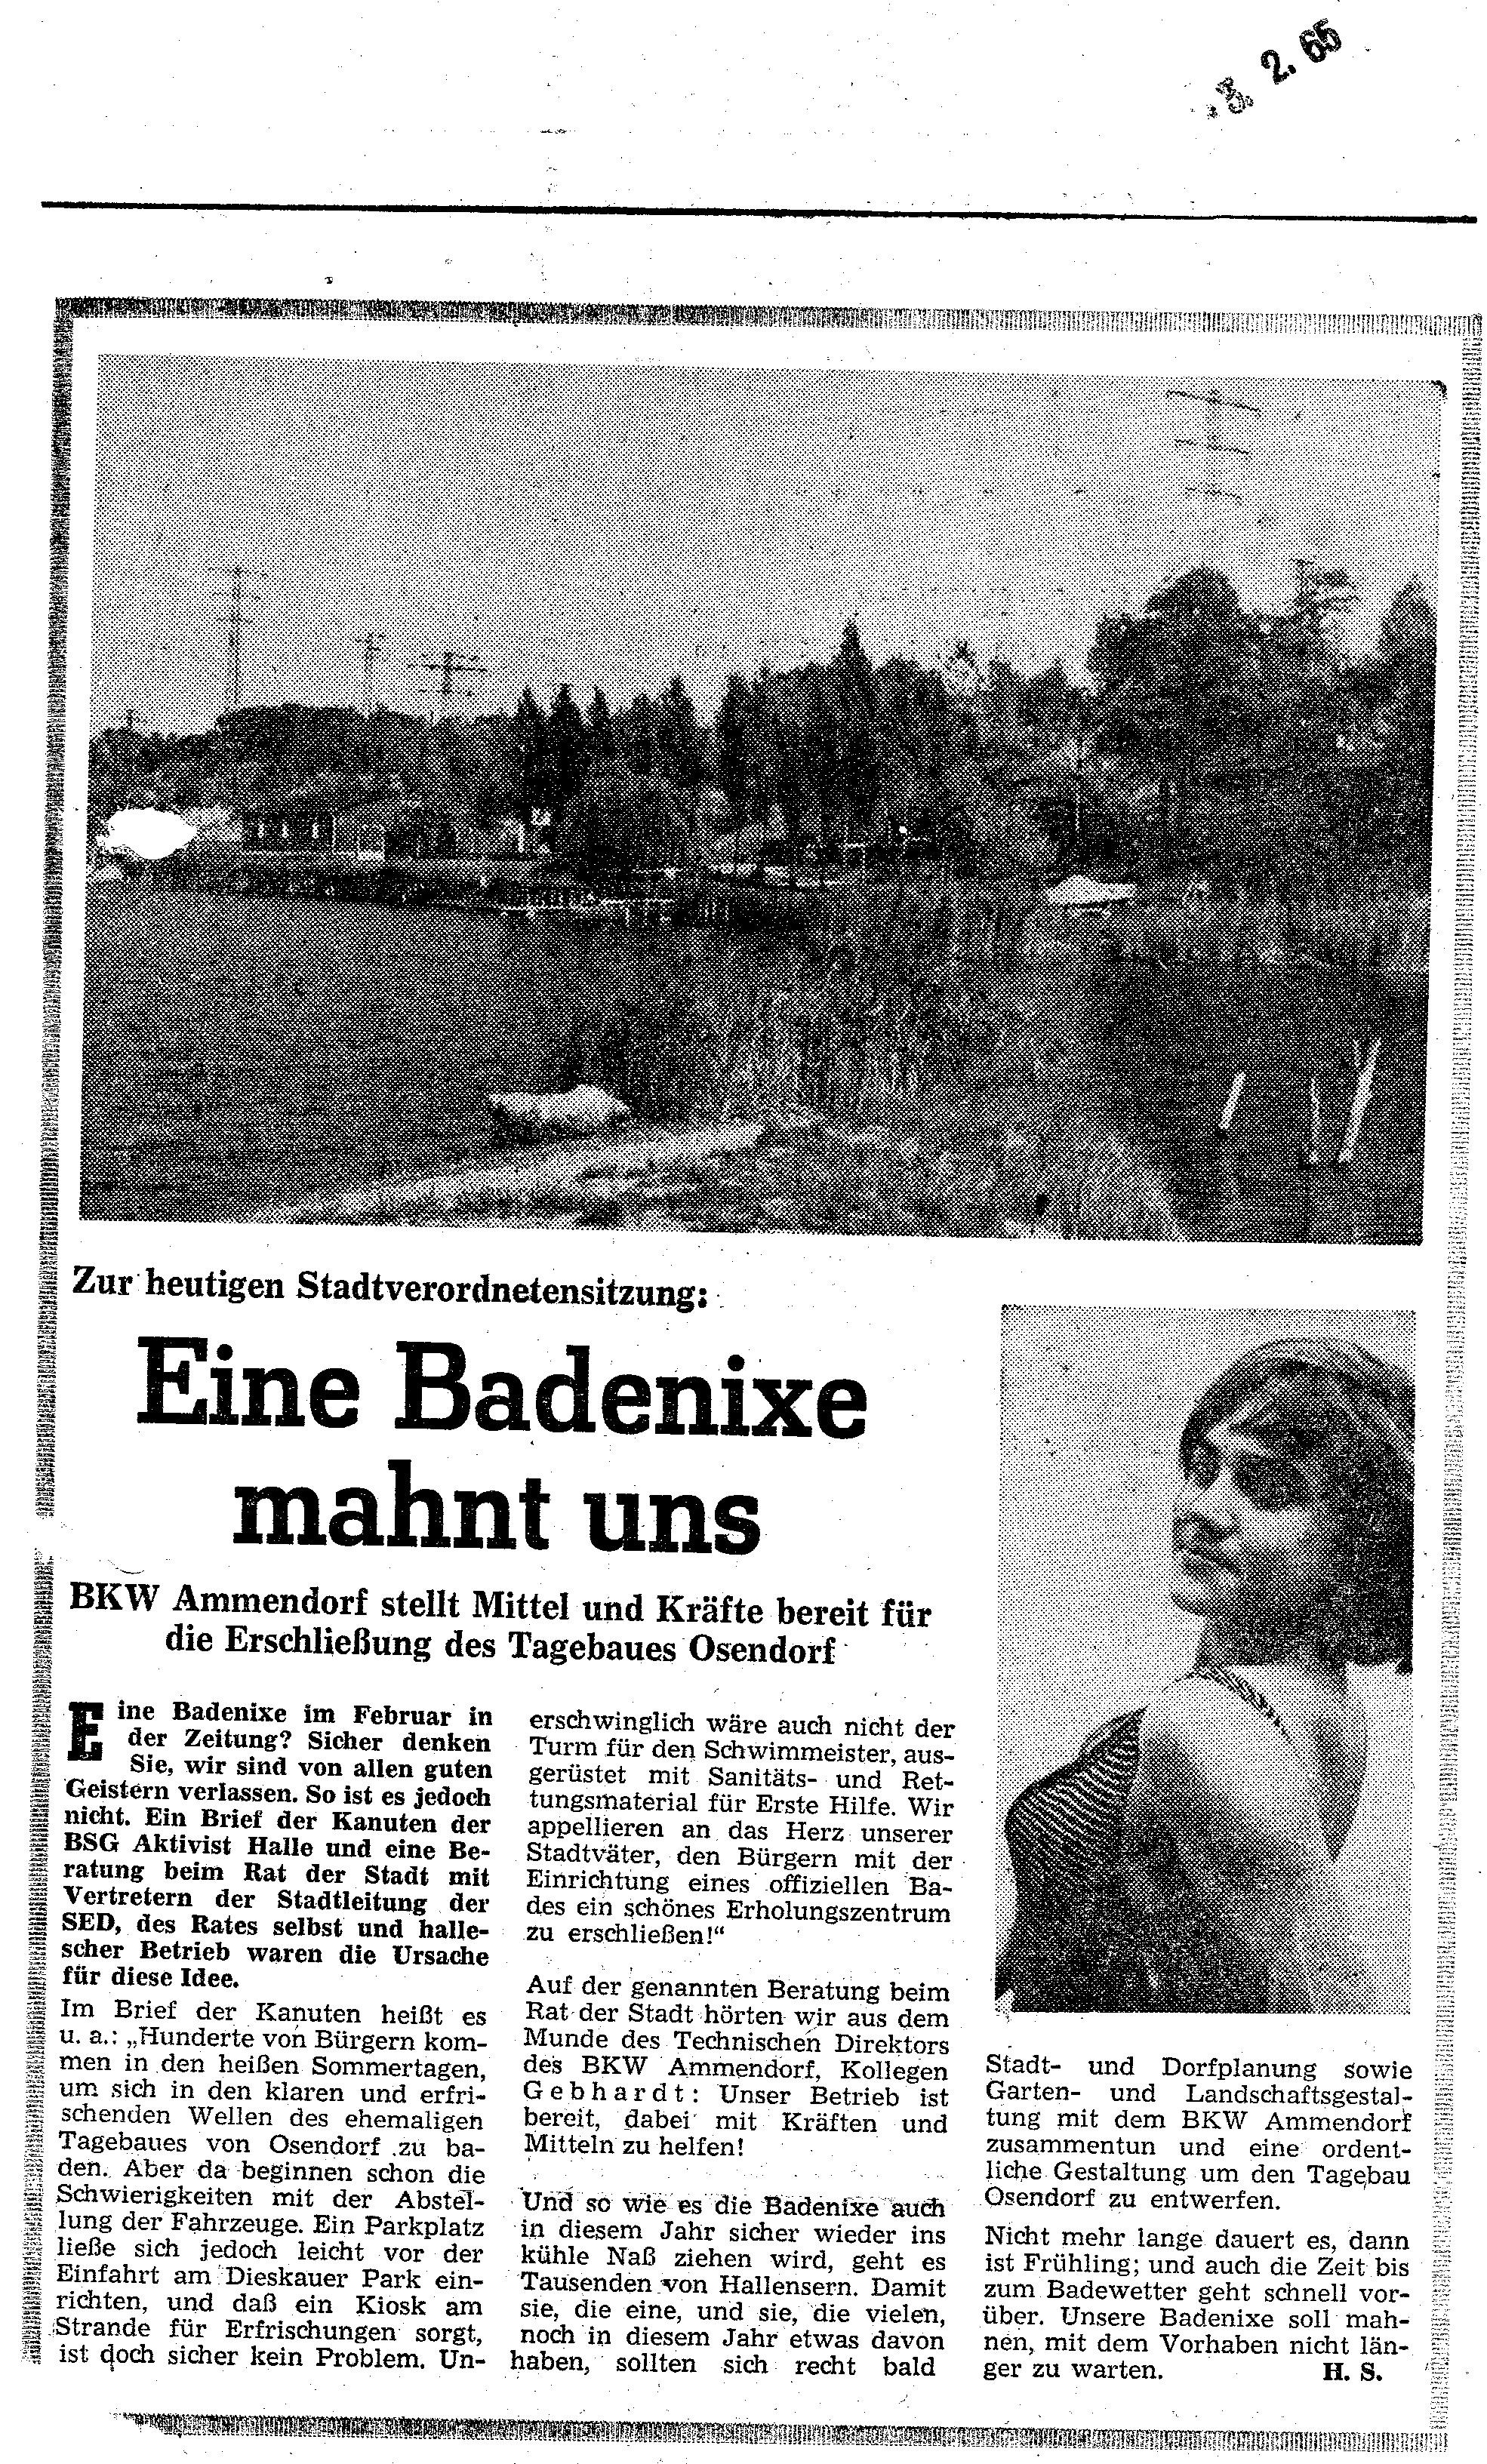 1965-02-03 Eine Badenixe mahnt uns